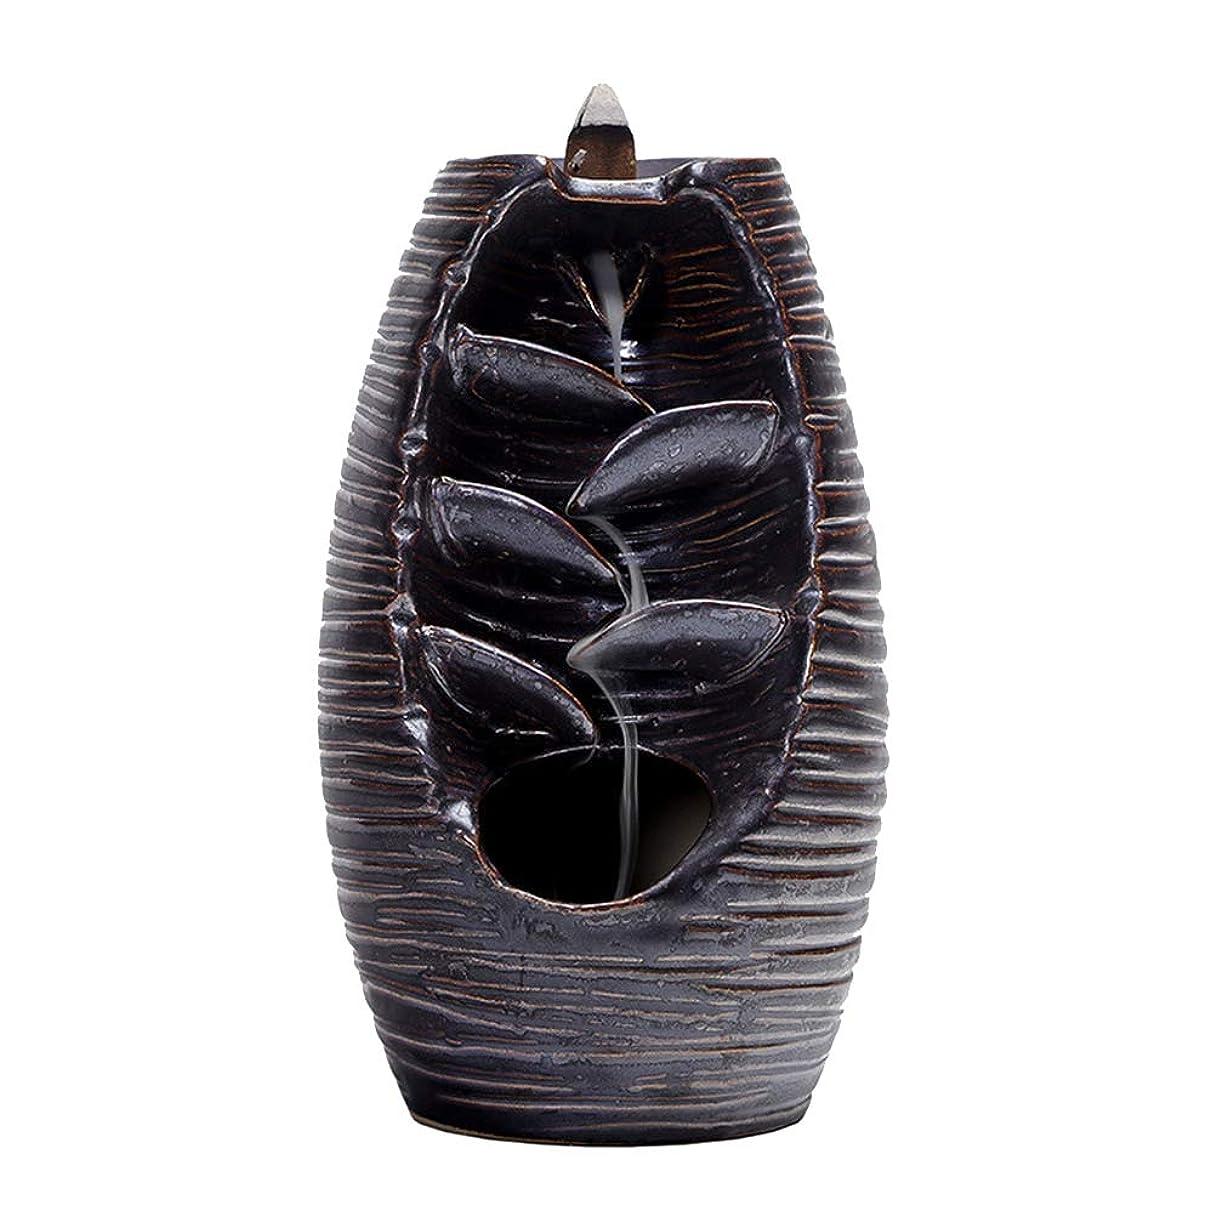 寄付あいまいさ地理Vosarea 逆流香バーナー滝香ホルダーアロマ飾り仏教用品(黒)